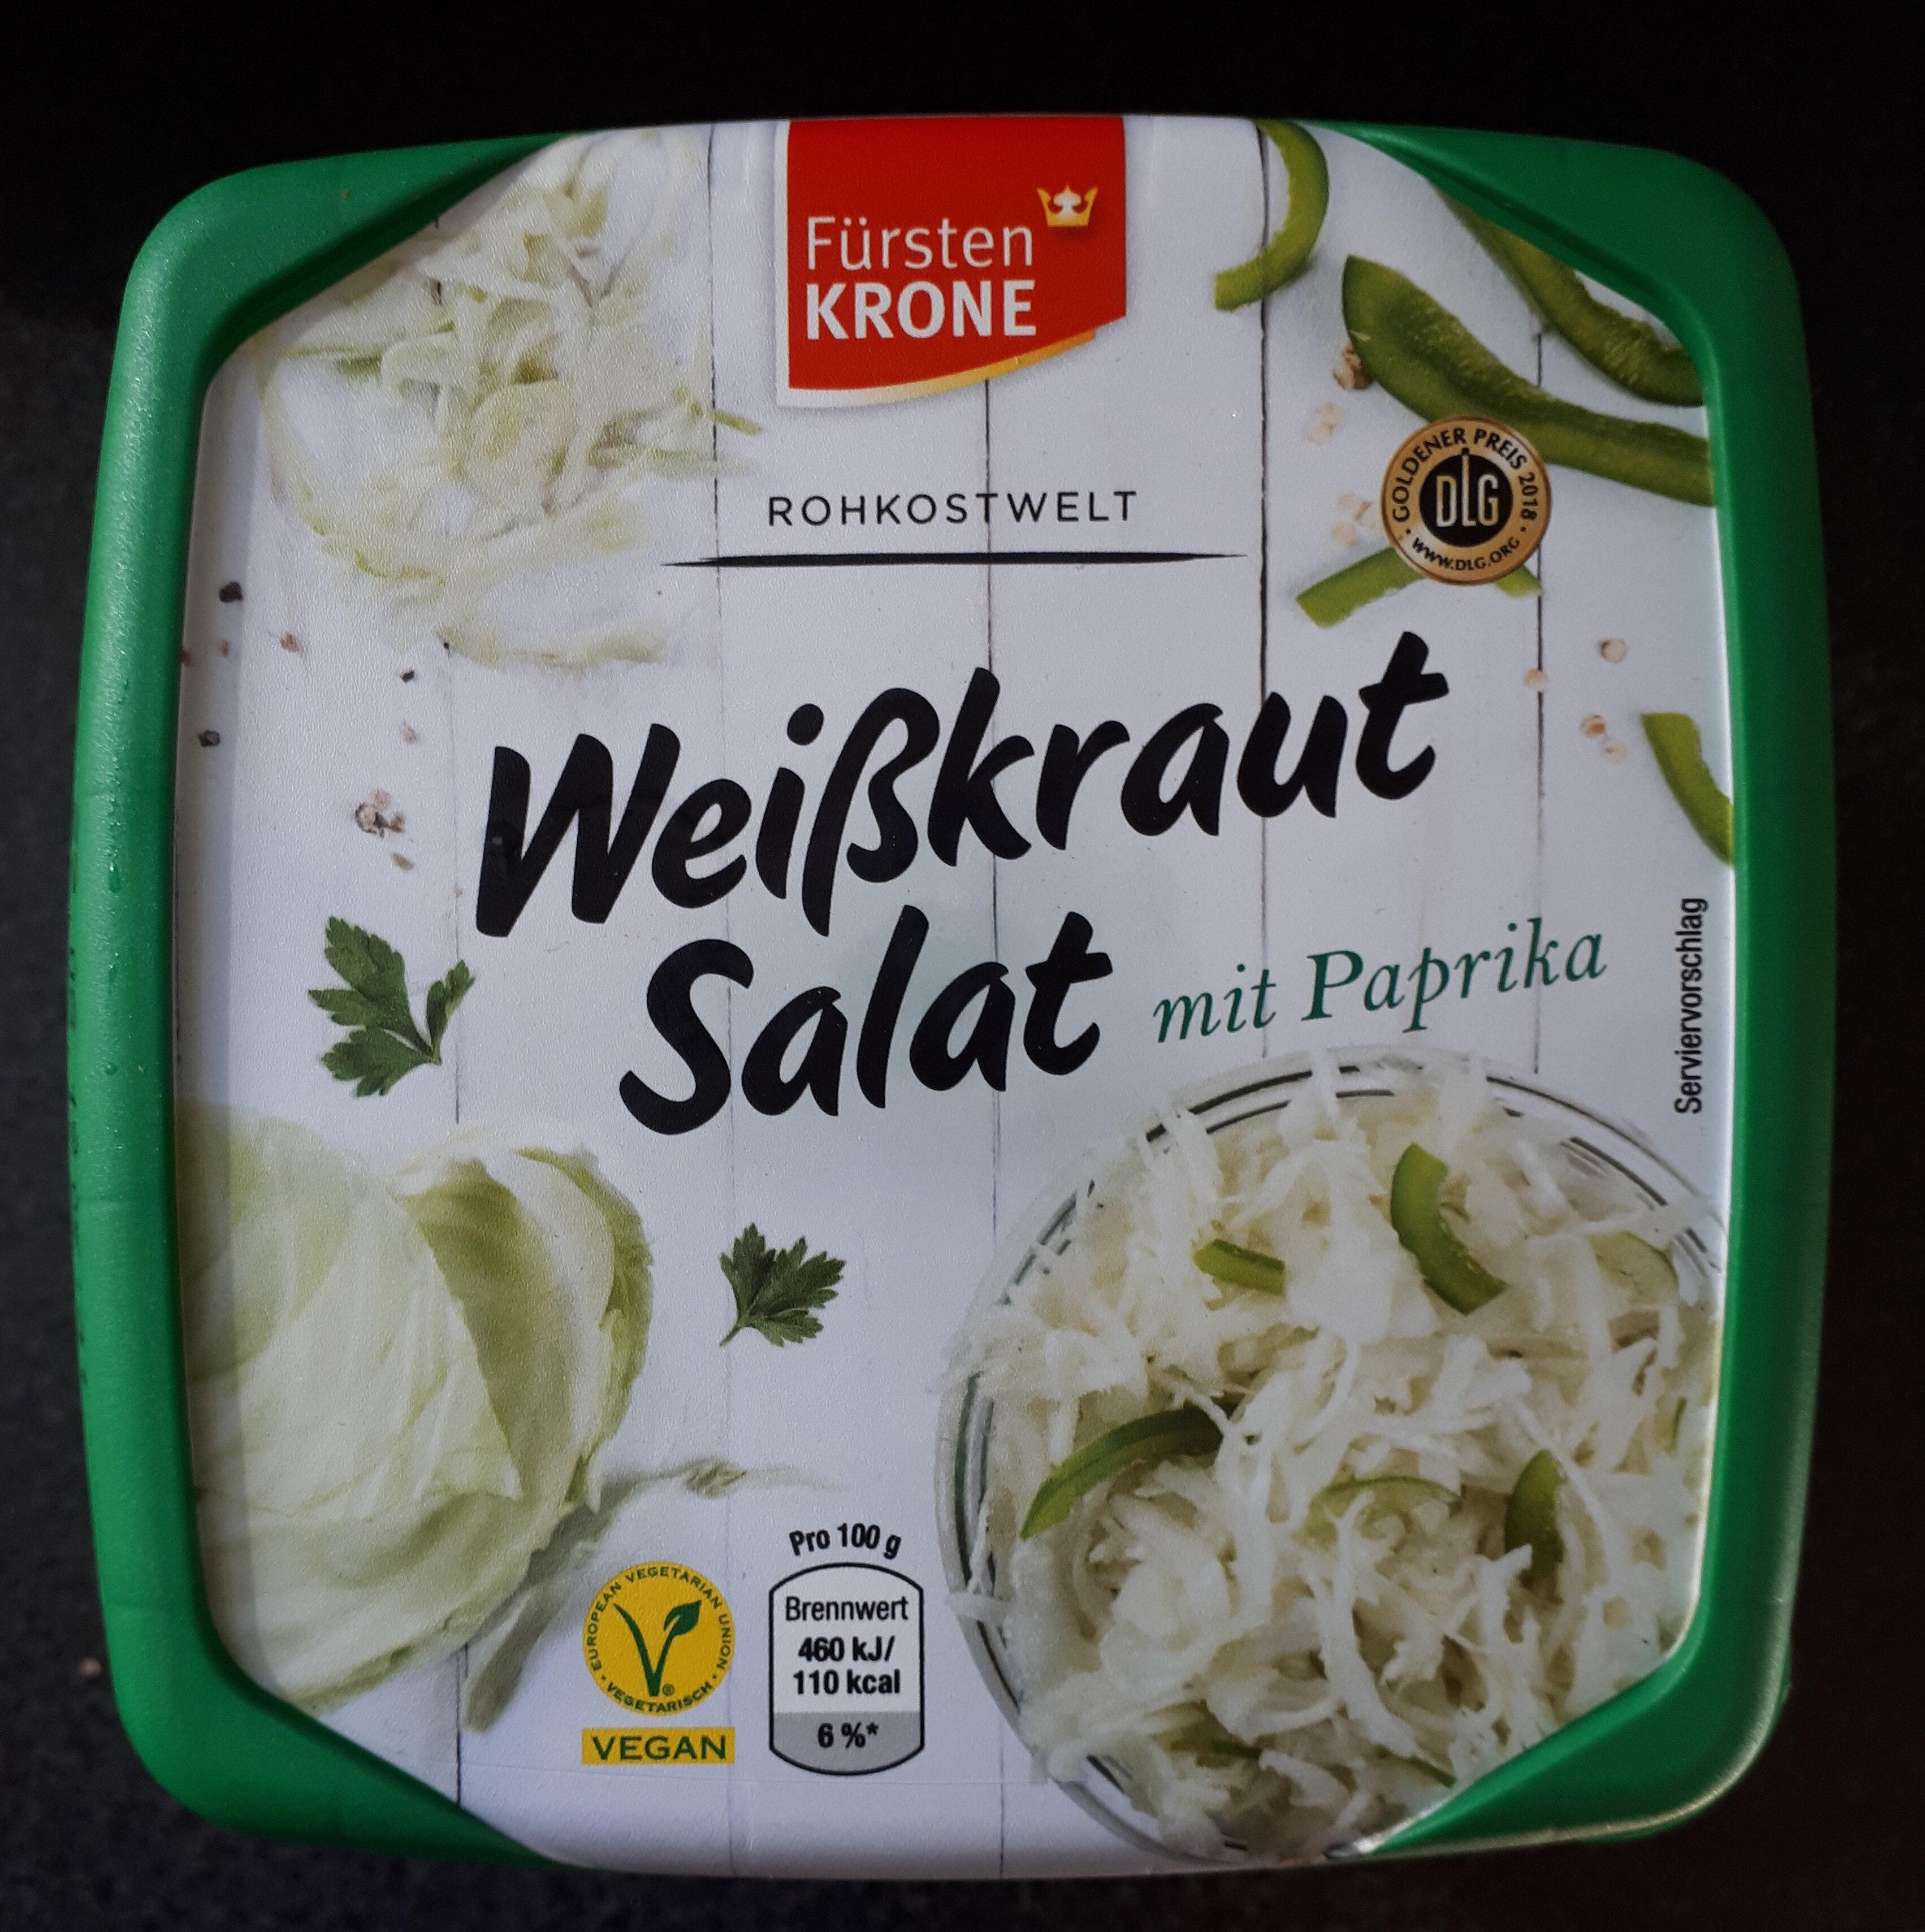 Weißkrautsalat mit Paprika - Product - de